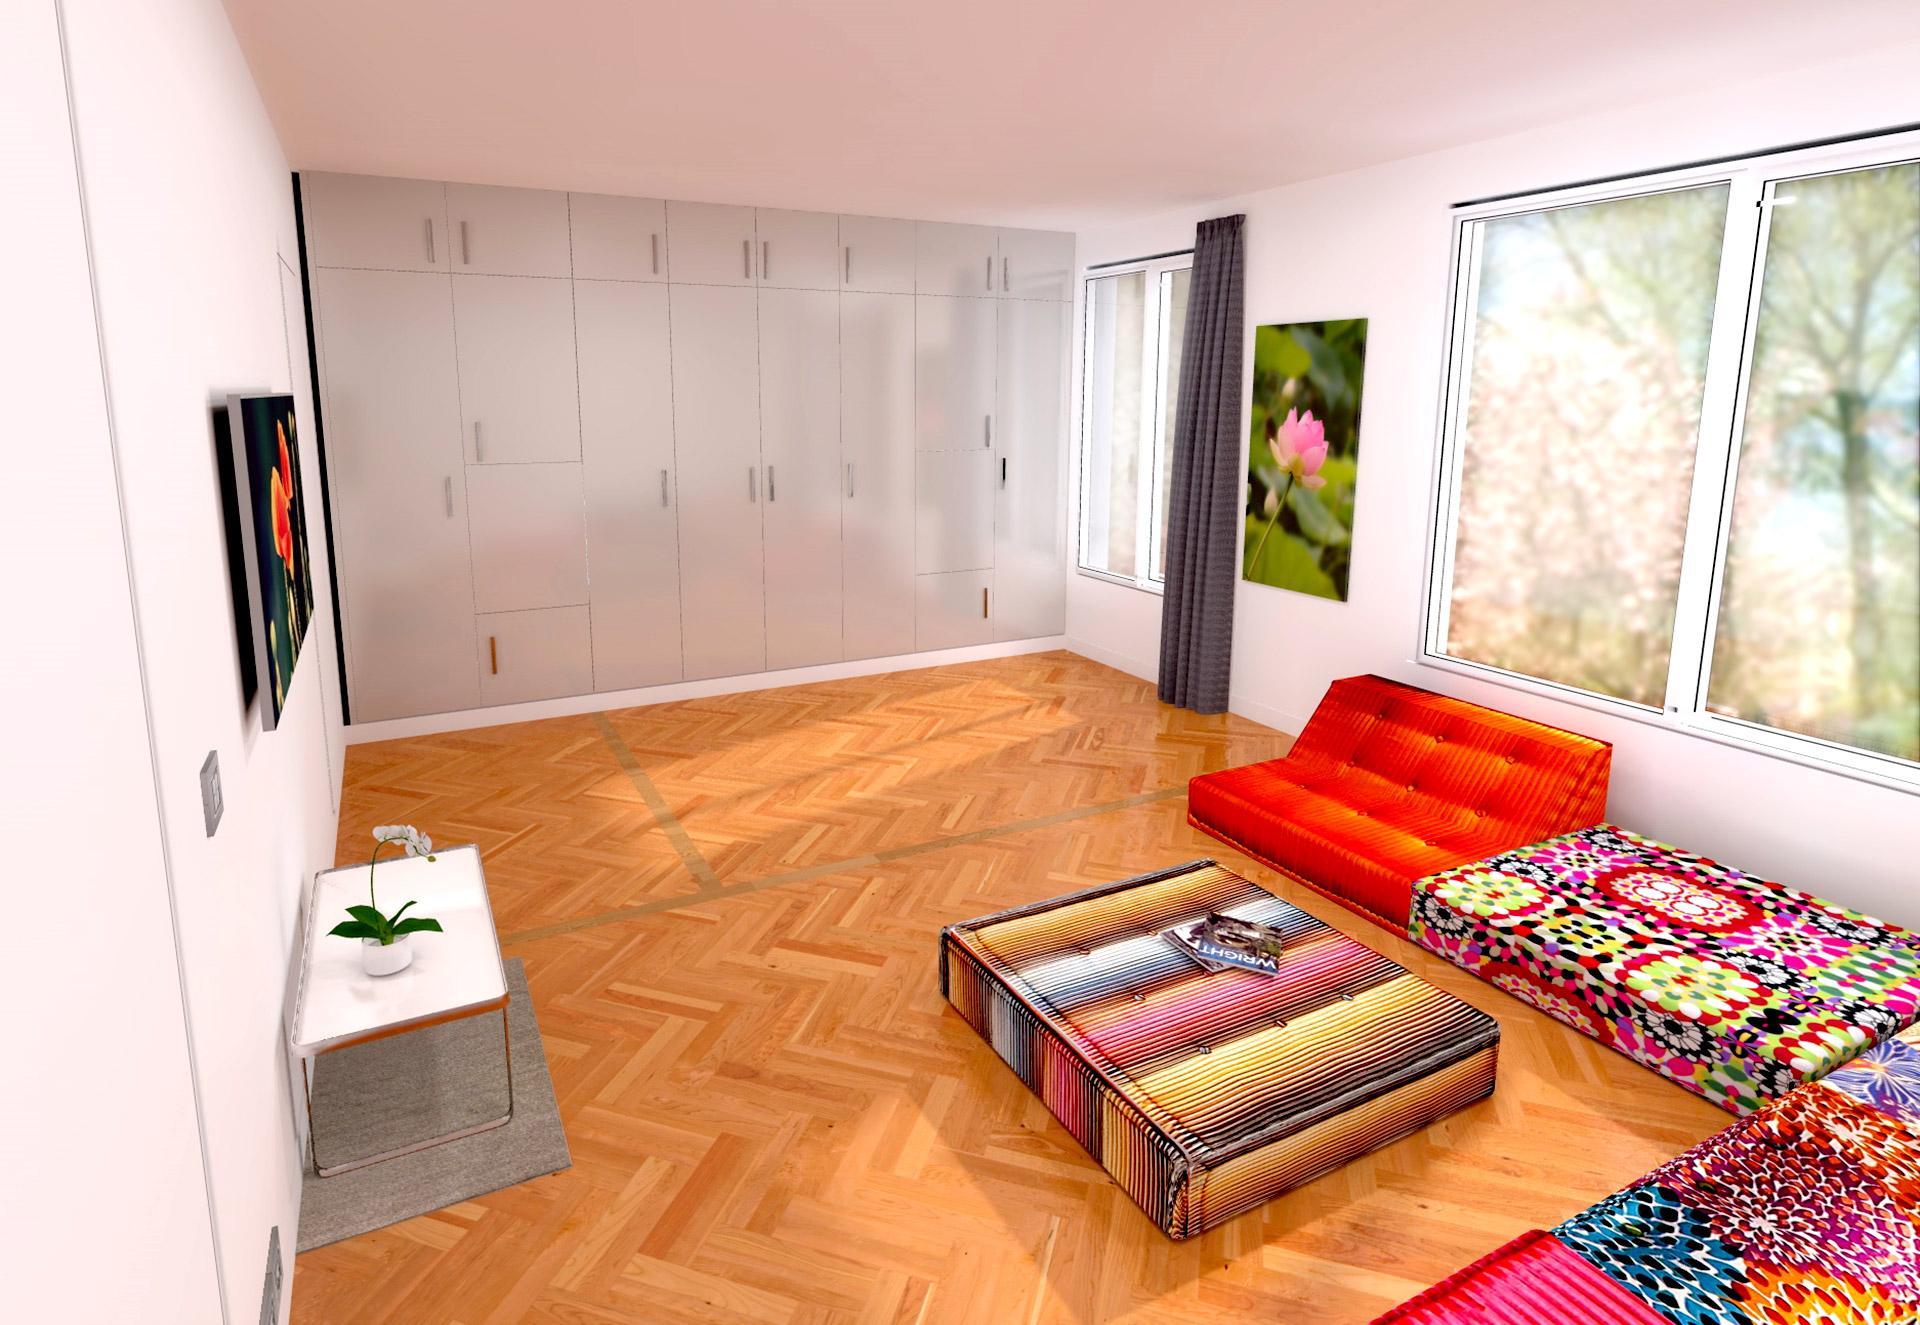 #BE190D Duplex Avec Suite Parentale Zen Transformable Salle Cinéma 3301 suite parentale esprit zen 1920x1325 px @ aertt.com